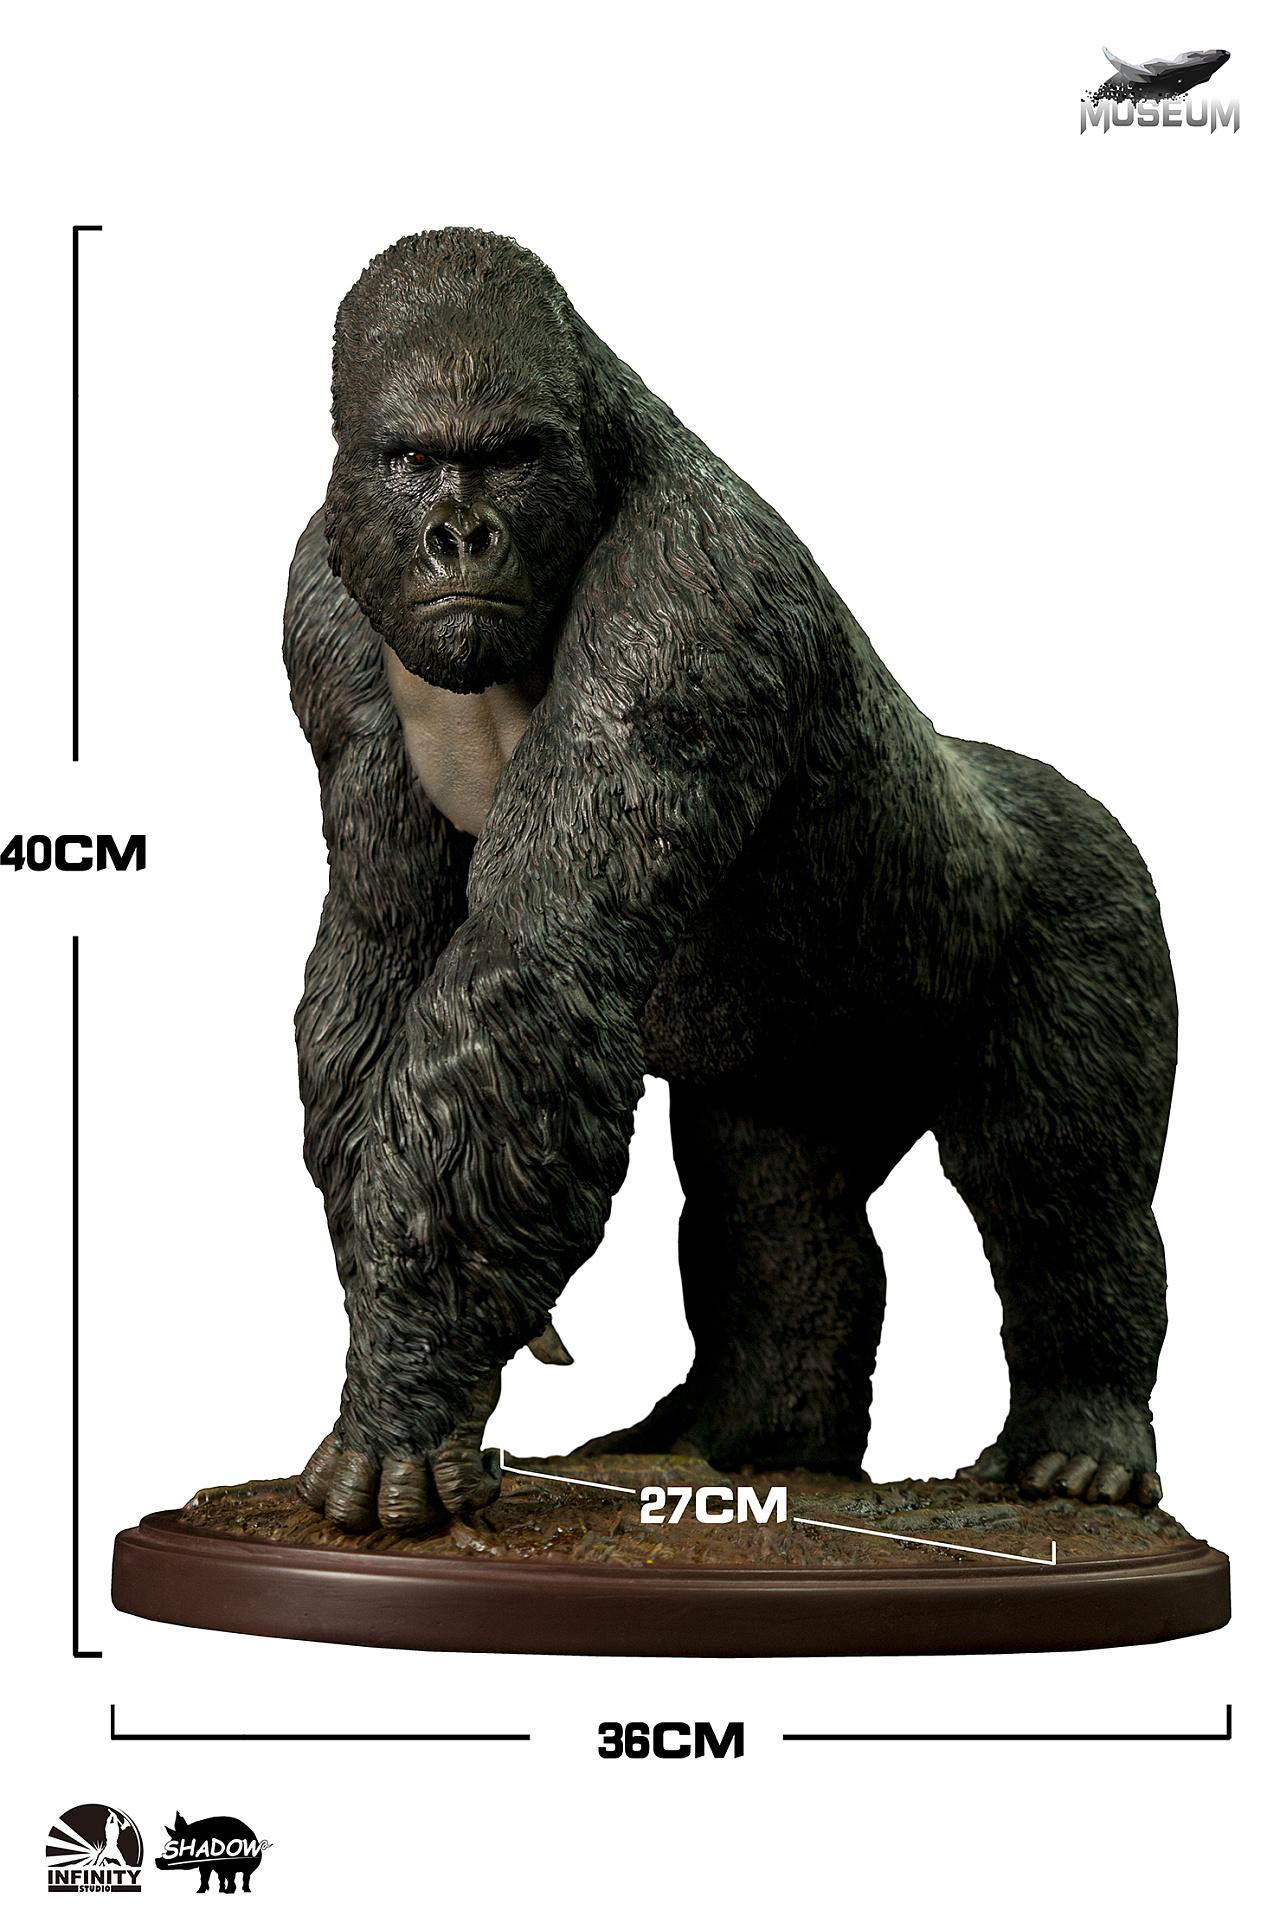 我的世界小雕像_开天工作室黑商会【博物系列】第四弹:1/4 山地大猩猩雕像-CG ...